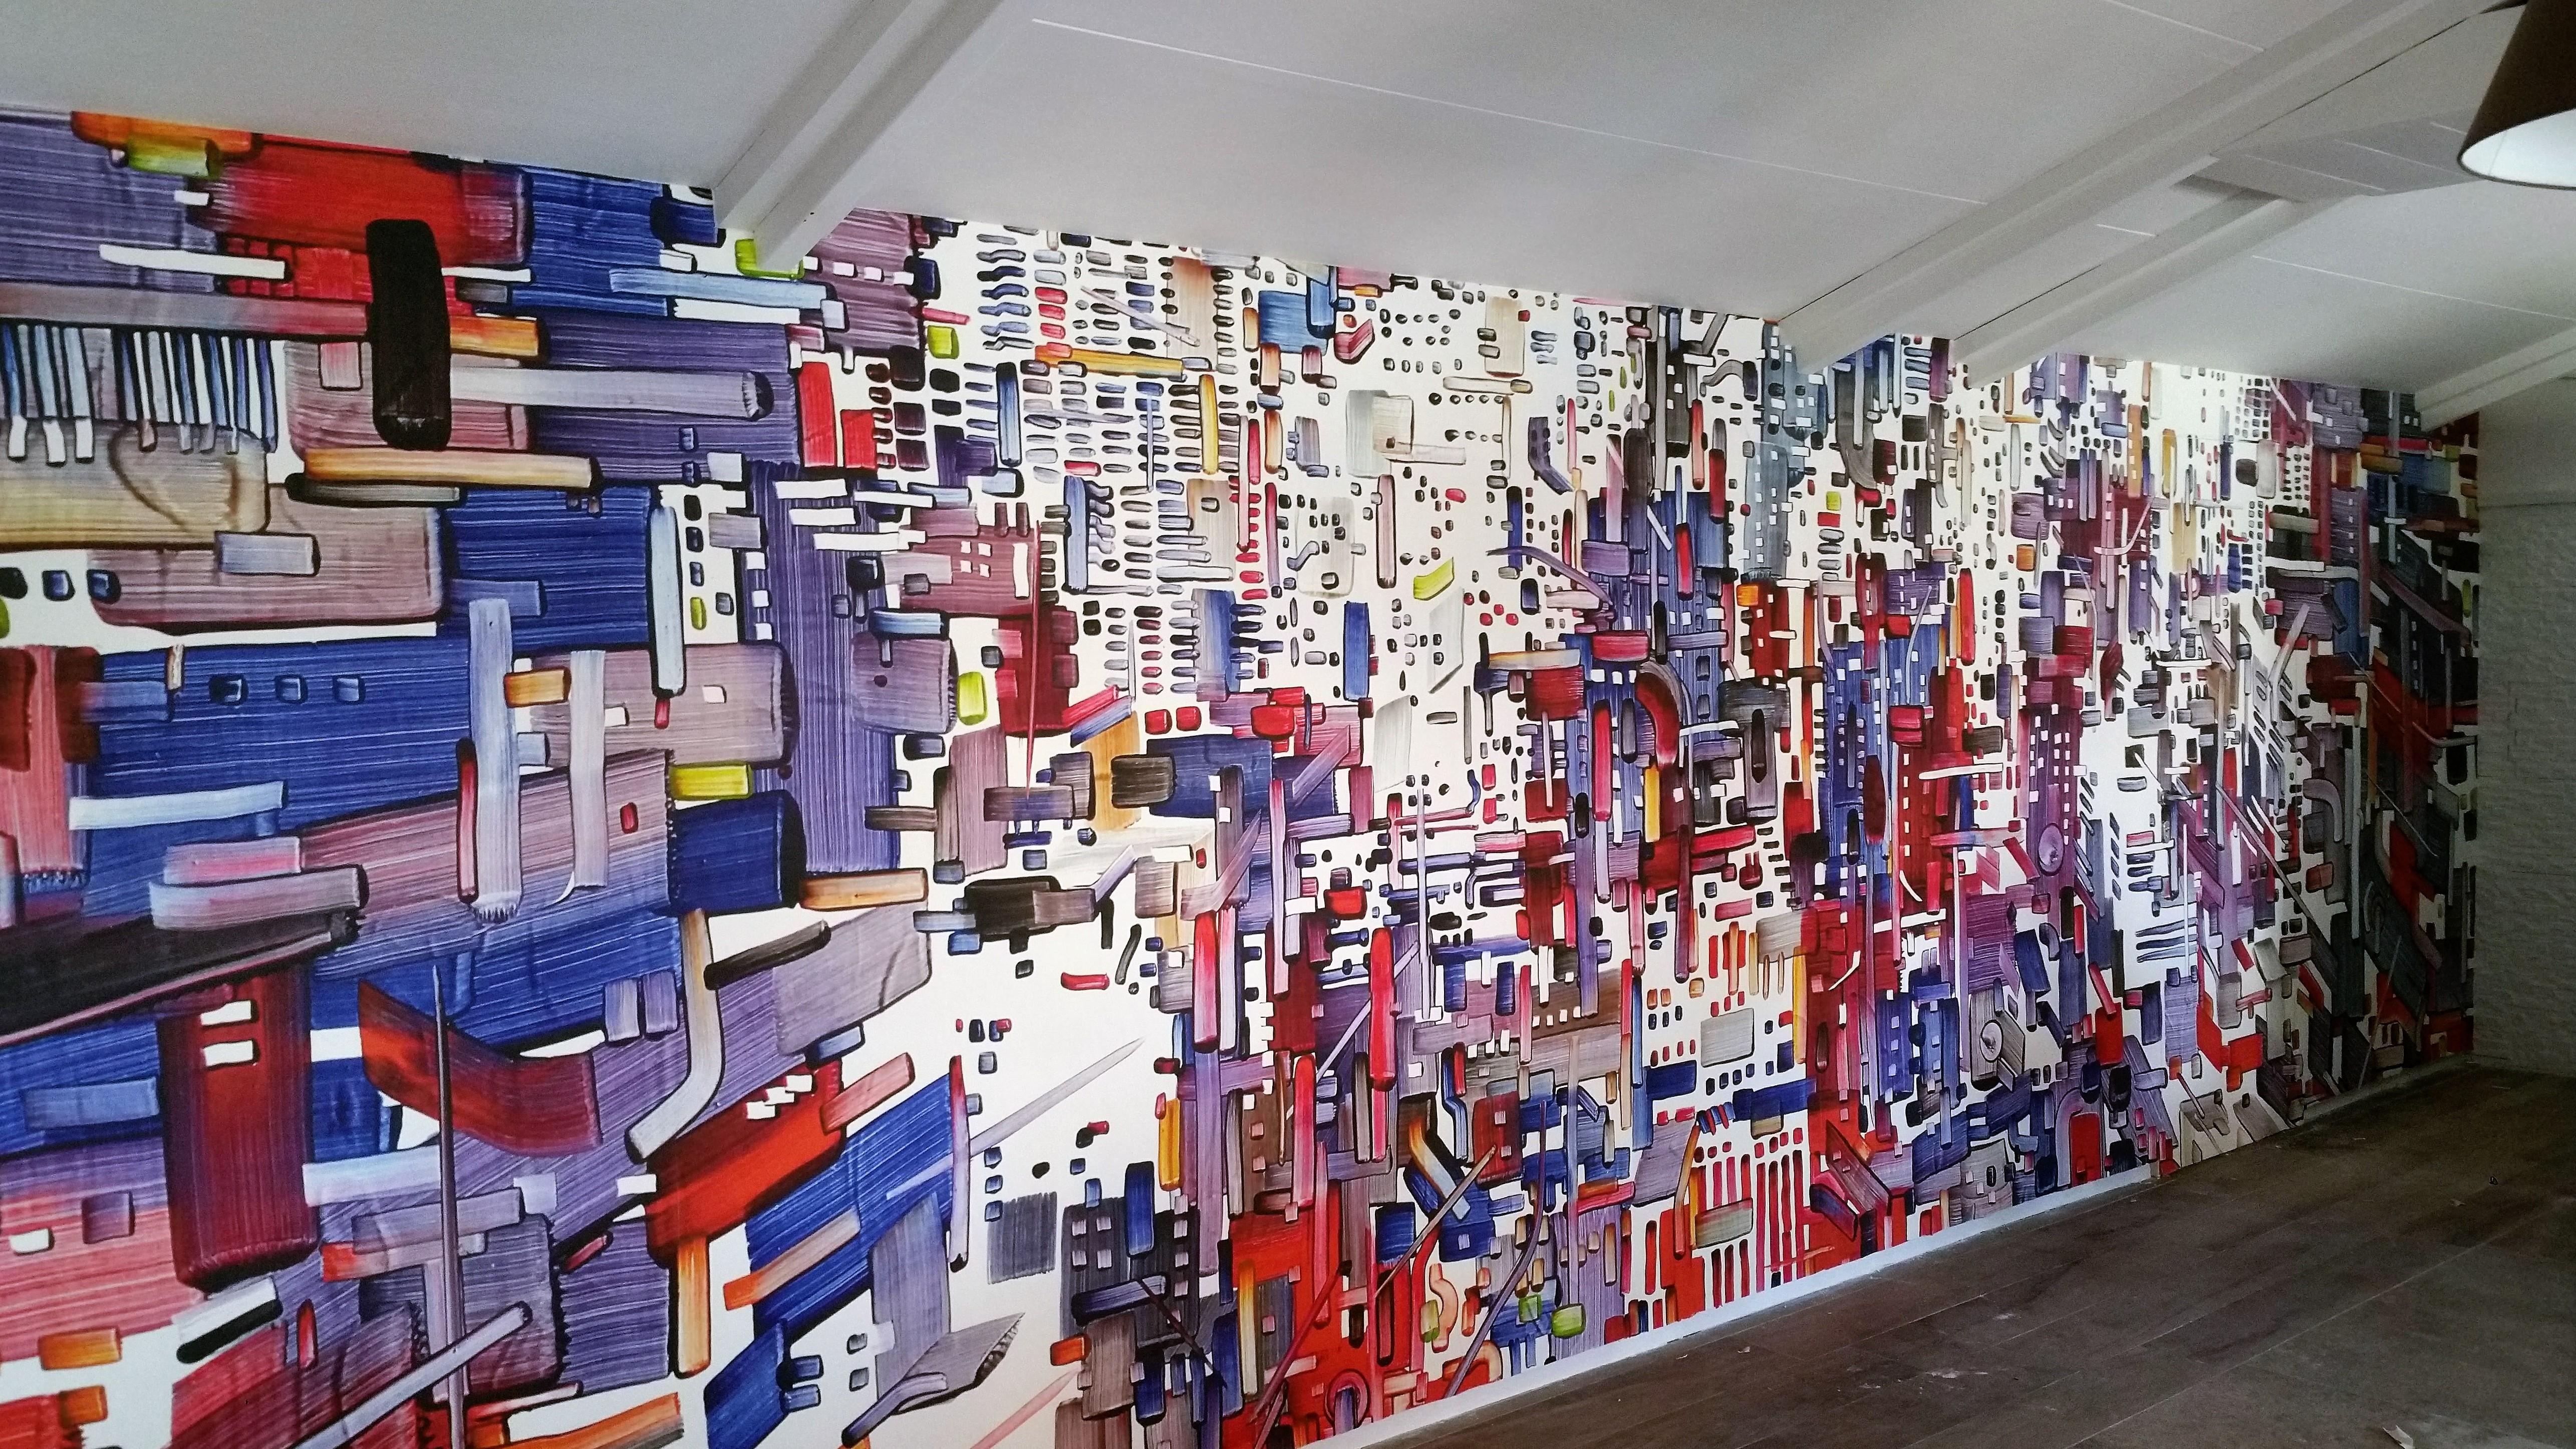 Parato personalizzato – Fornitore Inchiosto Bianco – Particolare a misura su parete - Artista Giuseppe Linardi